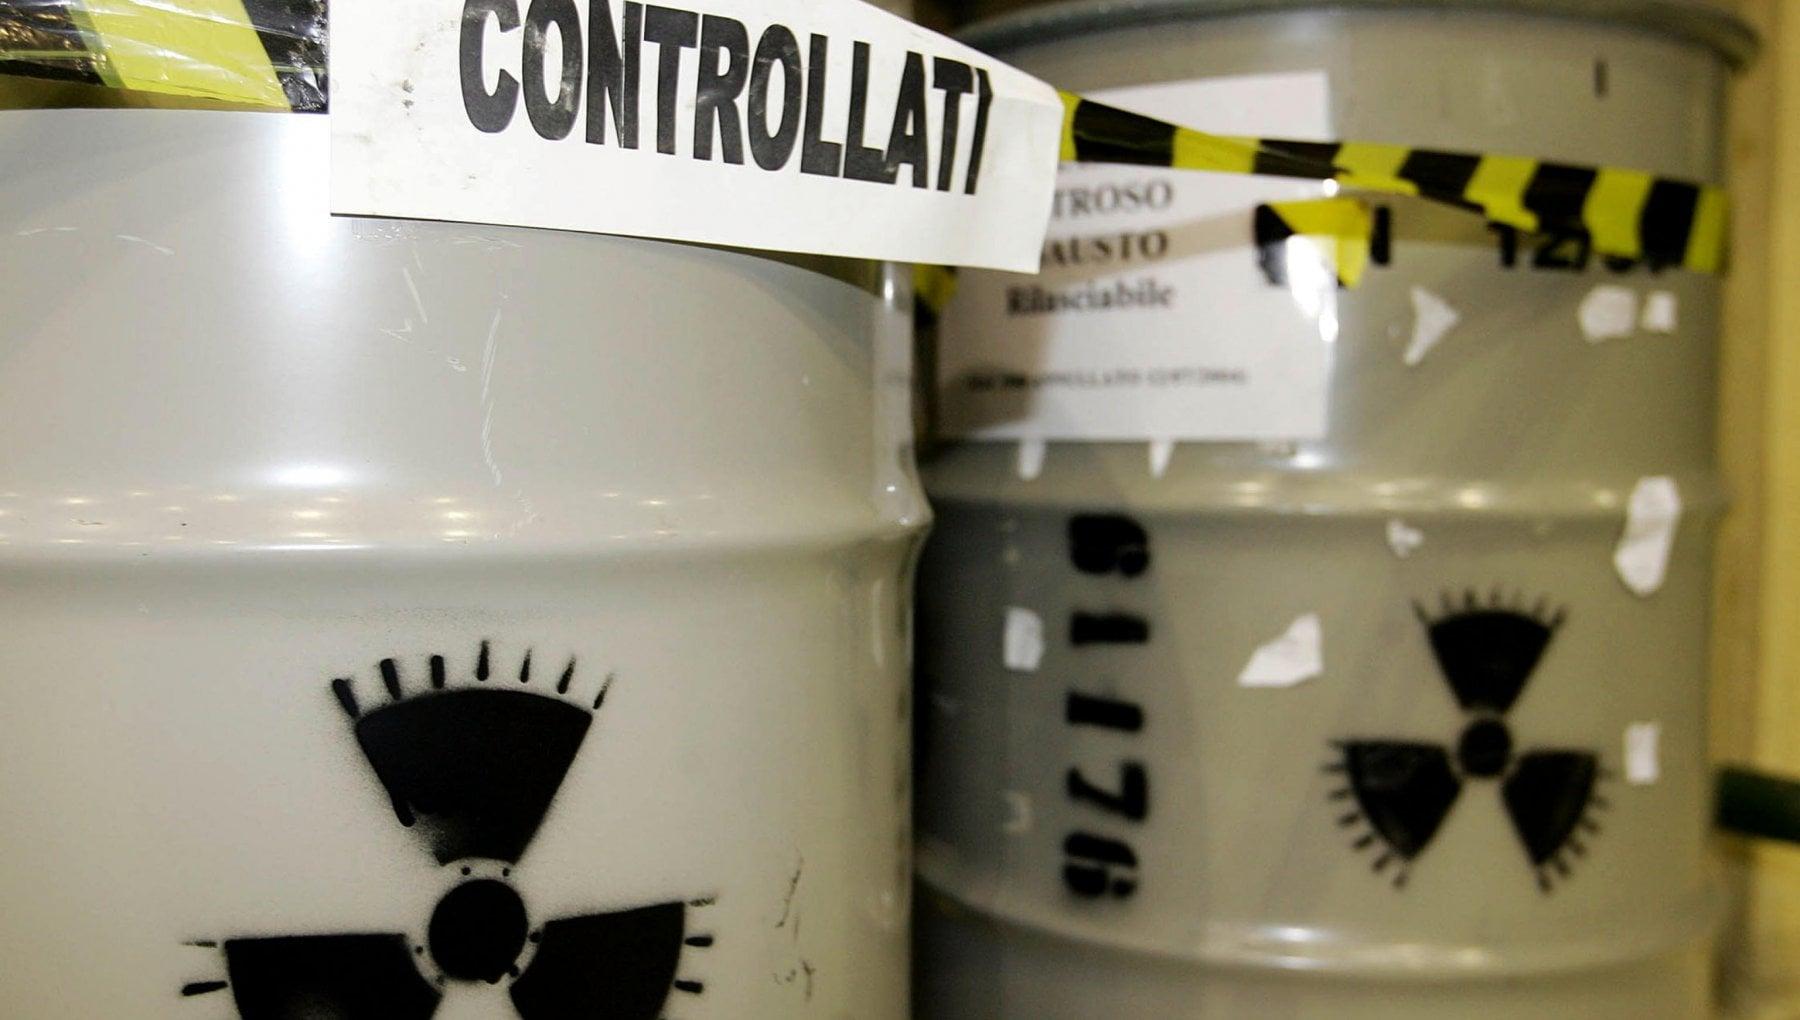 Rifiuti nucleari i comuni in rivolta. Ecco in quanto tempo si smaltiscono